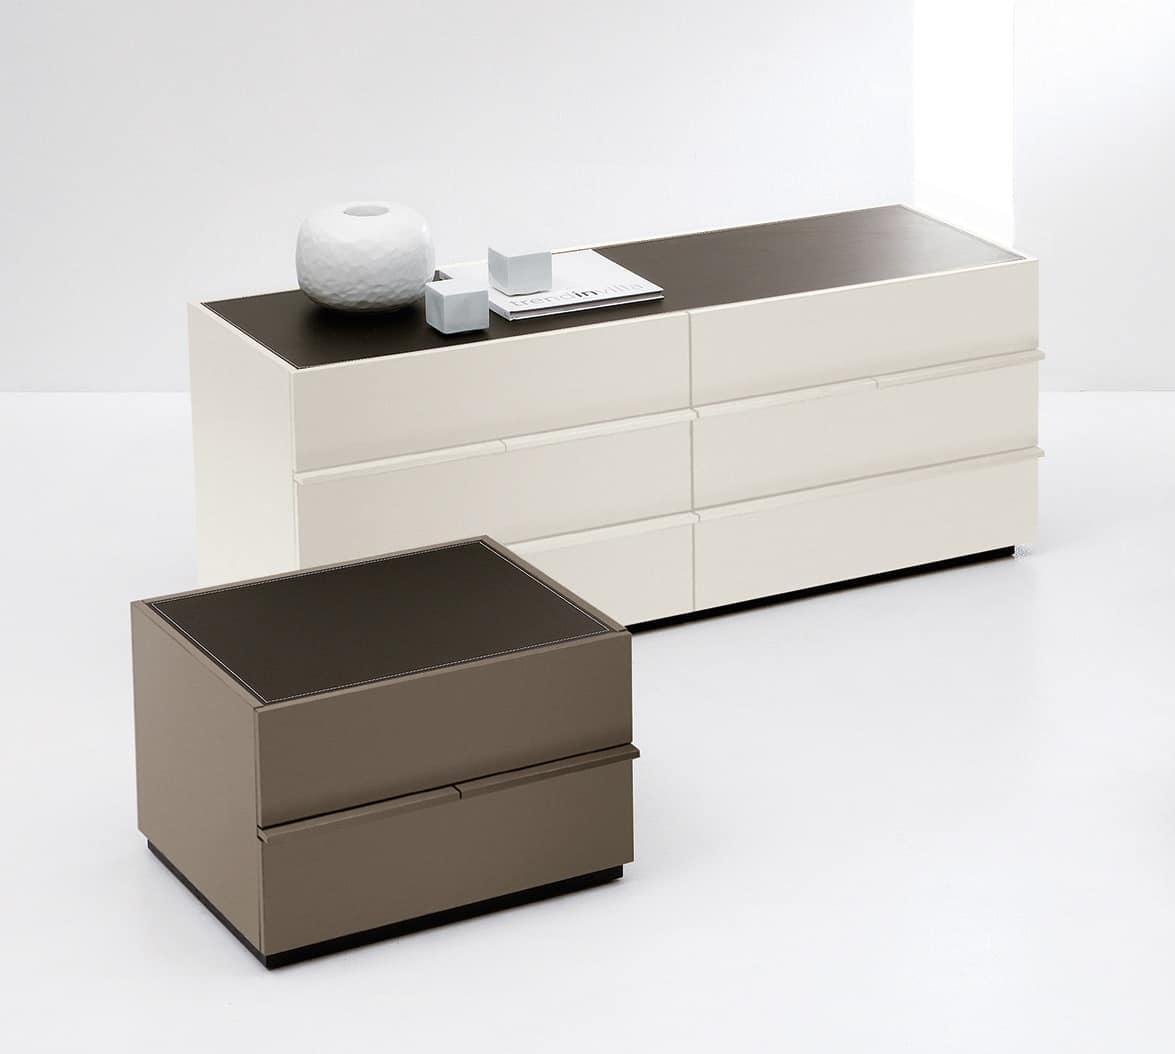 AKI chest of drawers, Moderne Kommode im minimalistischen Stil, für Schlafzimmer